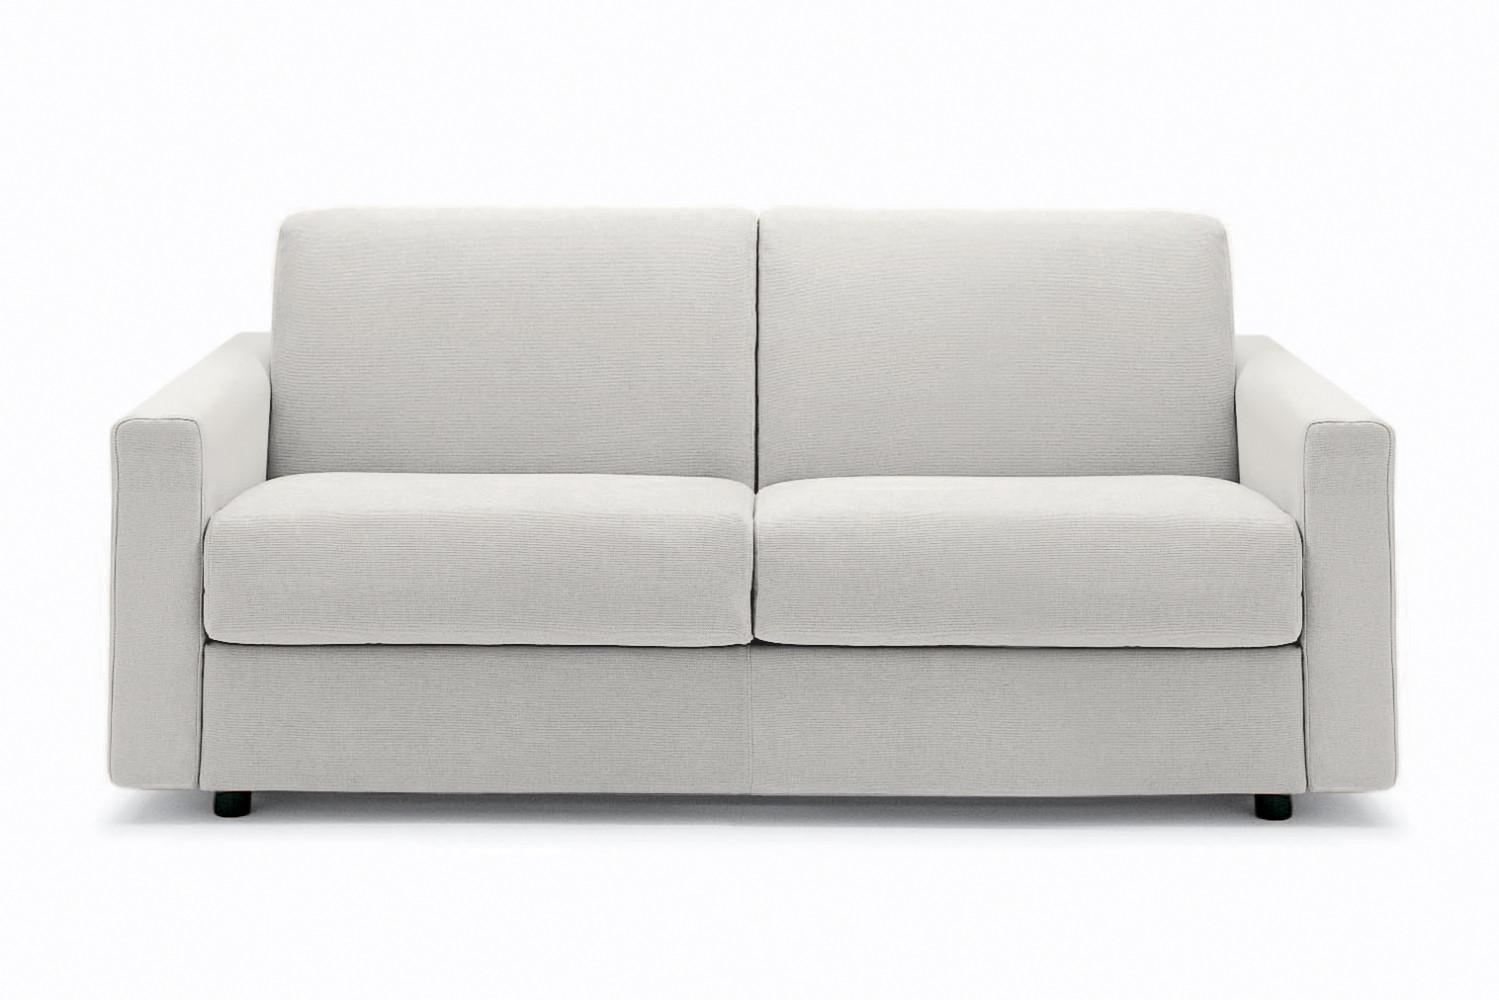 Divano letto 2 posti lampo for Poltrone e sofa divano letto due posti